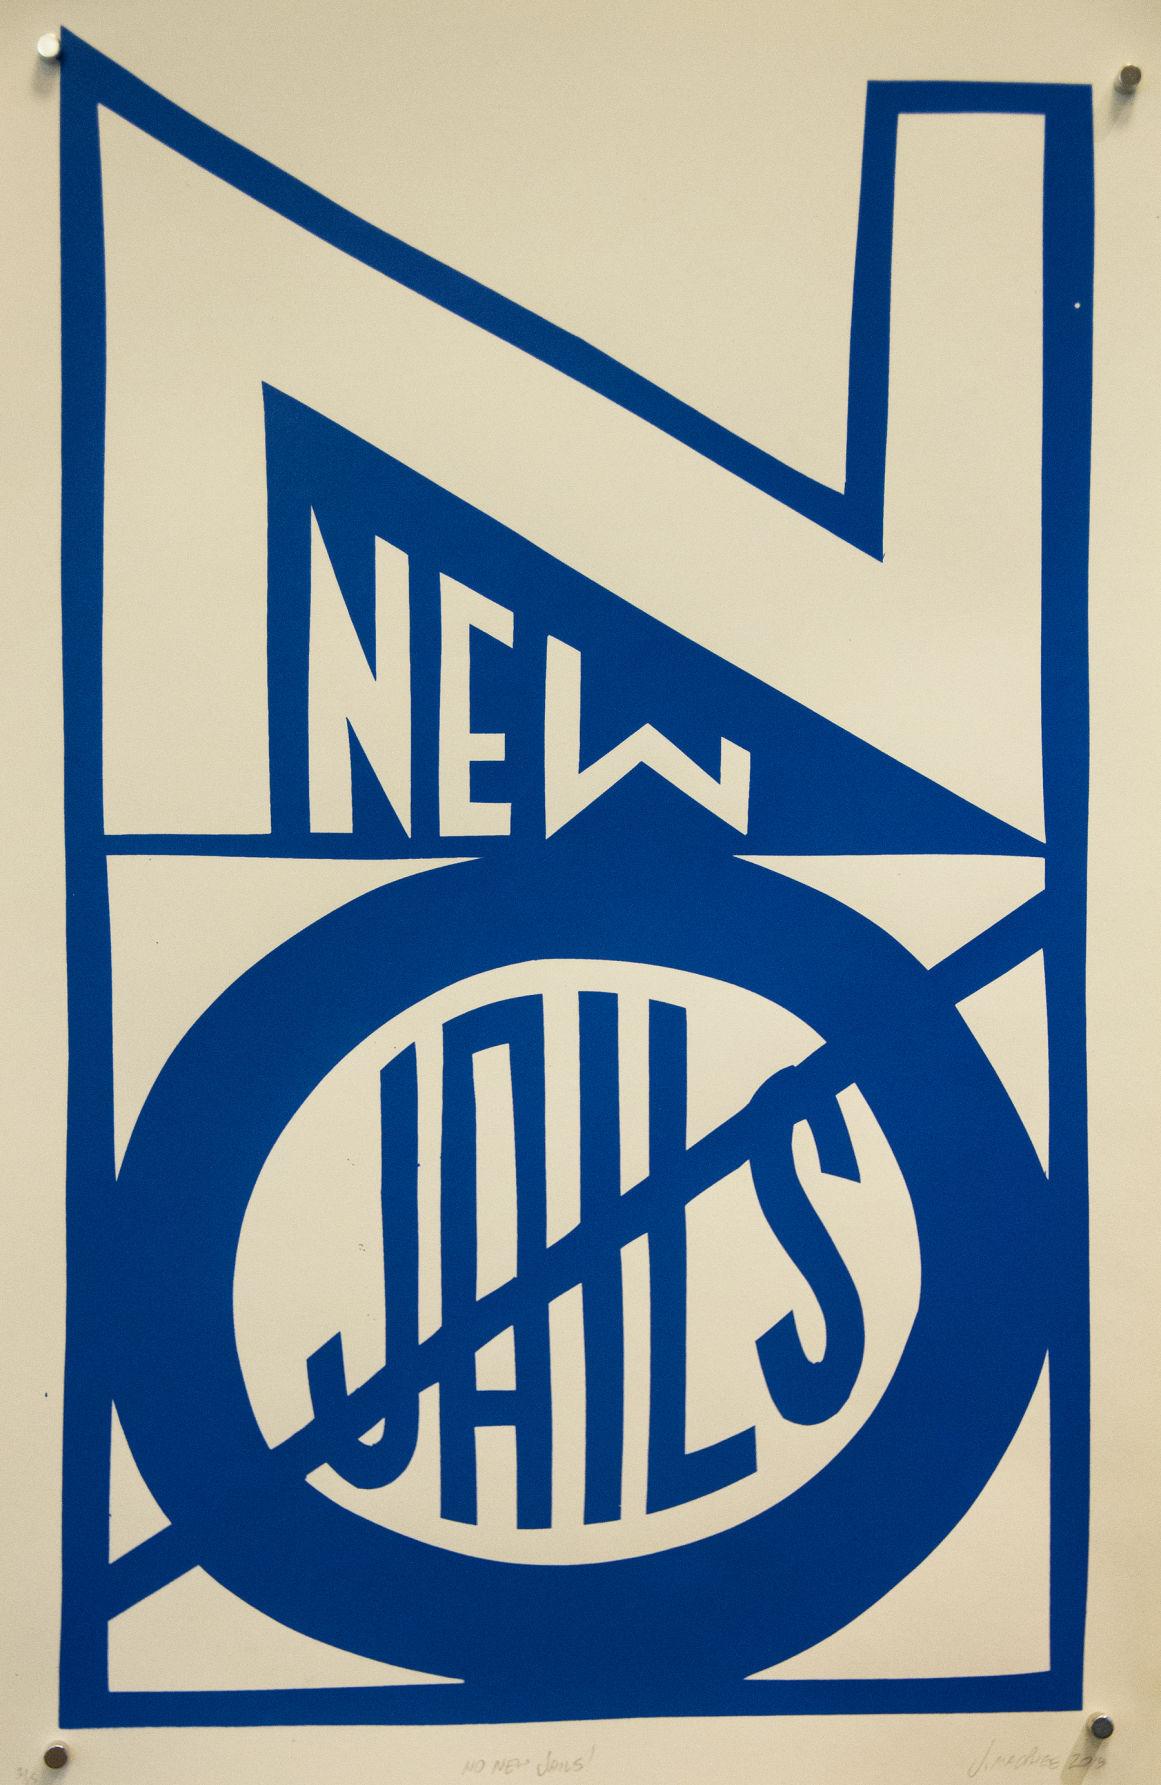 Jails poster